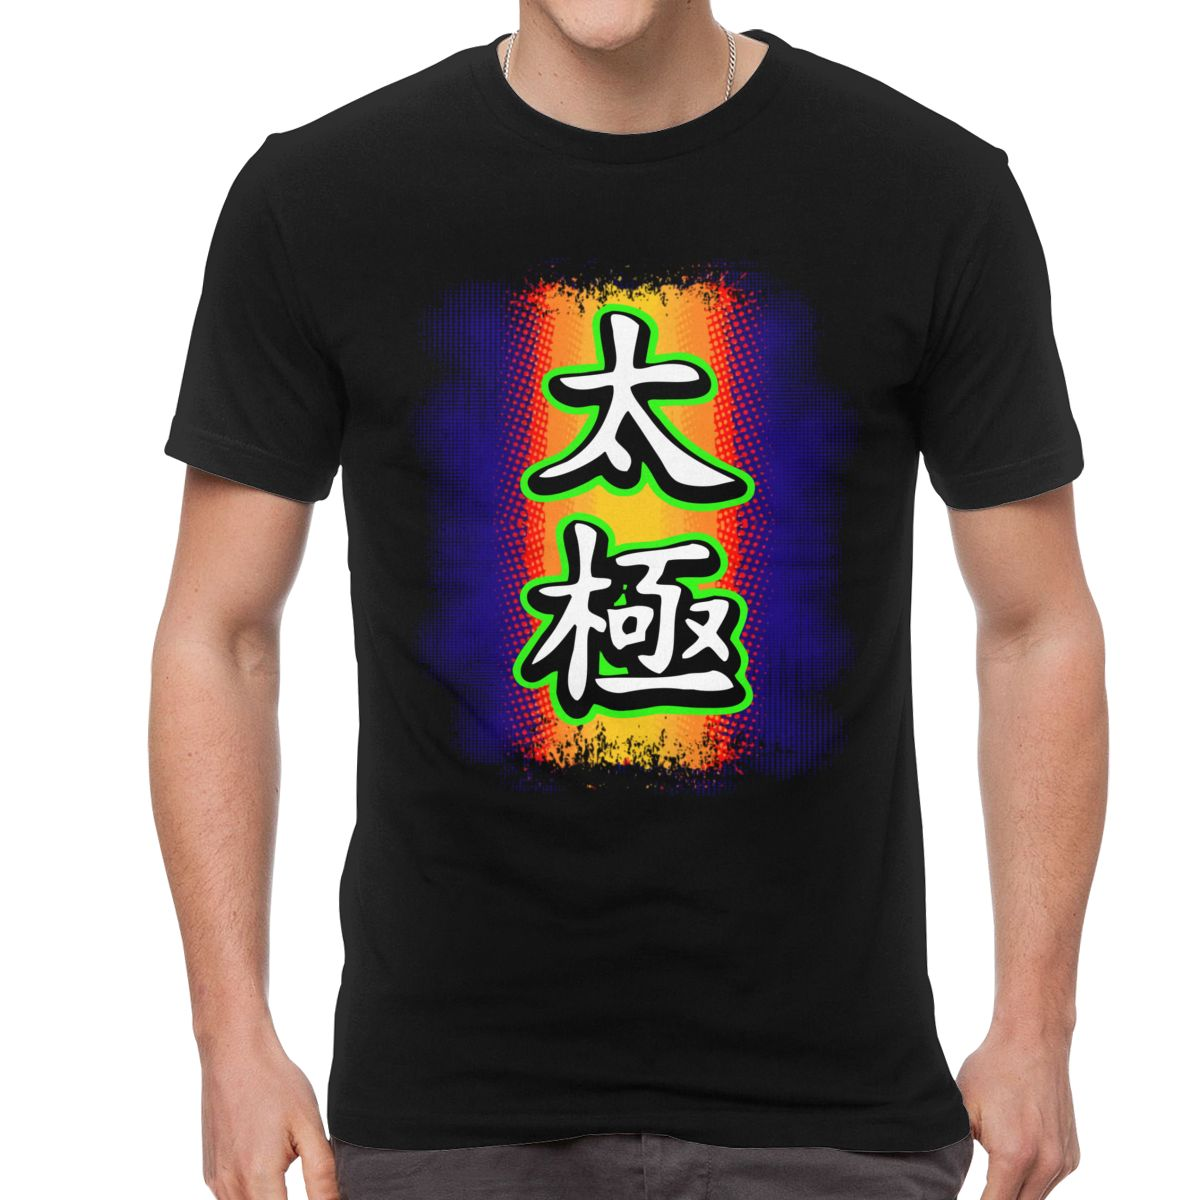 Мужская футболка в стиле ретро Тай чи чуань крутые футболки с китайским персонажем Тай Цзи топы с короткими рукавами хлопковые футболки с принтом летняя одежда